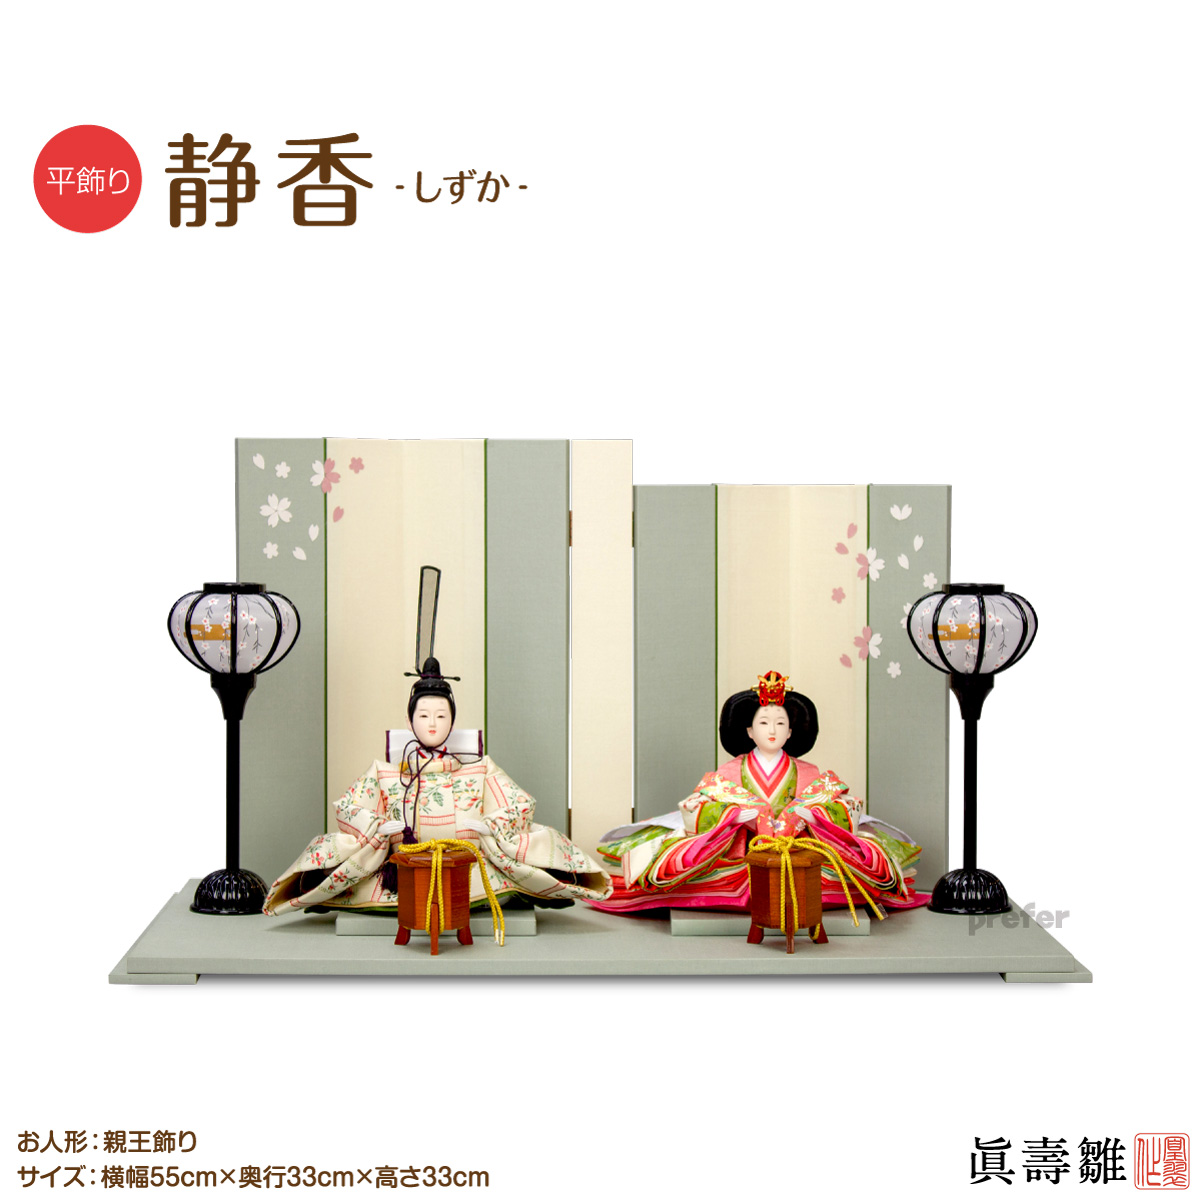 雛人形 雛 親王飾り 眞壽雛静香(しずか) おひなさま ひな人形 特選